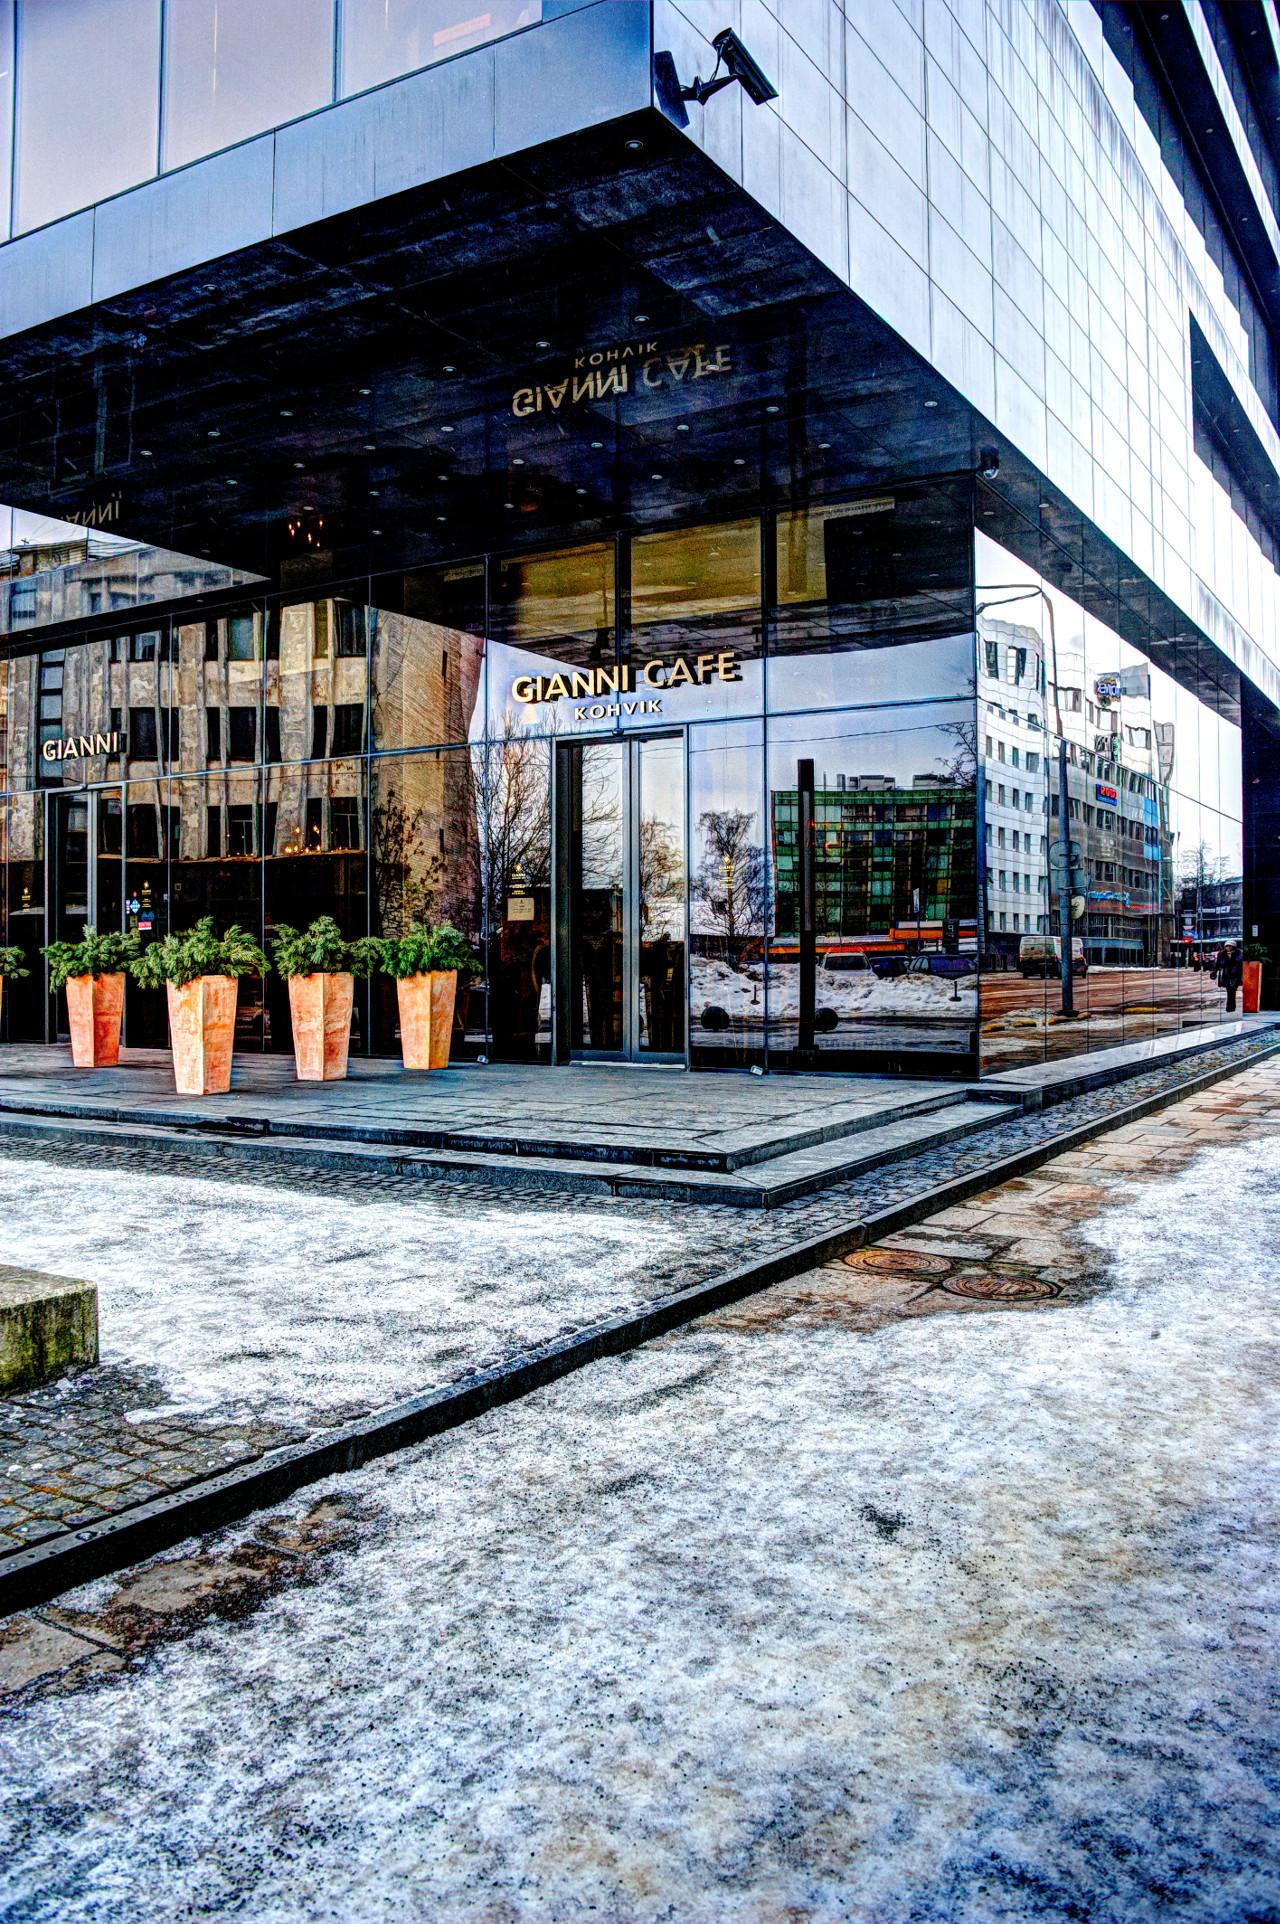 Bild: Nobel-Cafe im Tallinner Hafenviertel Sadama. NIKON D700 mit AF-S NIKKOR 28-300 mm 1:3.5-5.6G ED VR. Klicken Sie auf das Bild um es zu vergrößern.